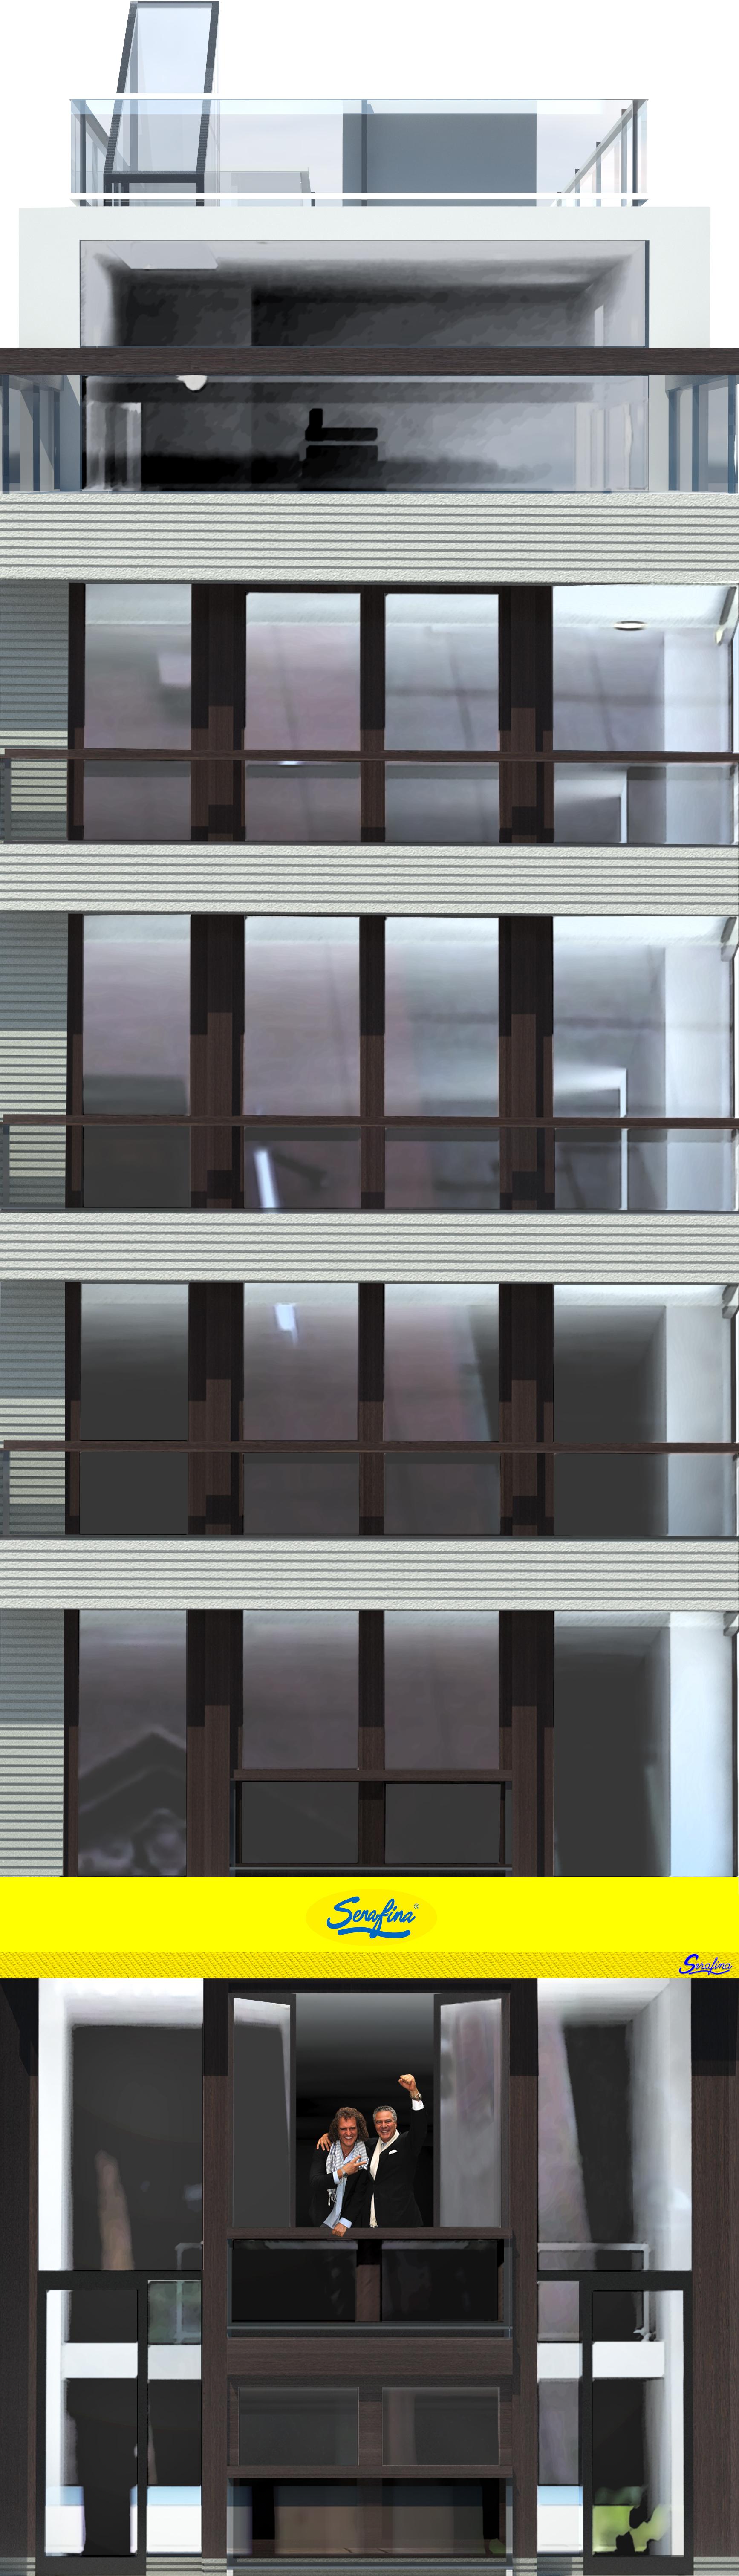 final 33 E 61st front facade-for web.jpg